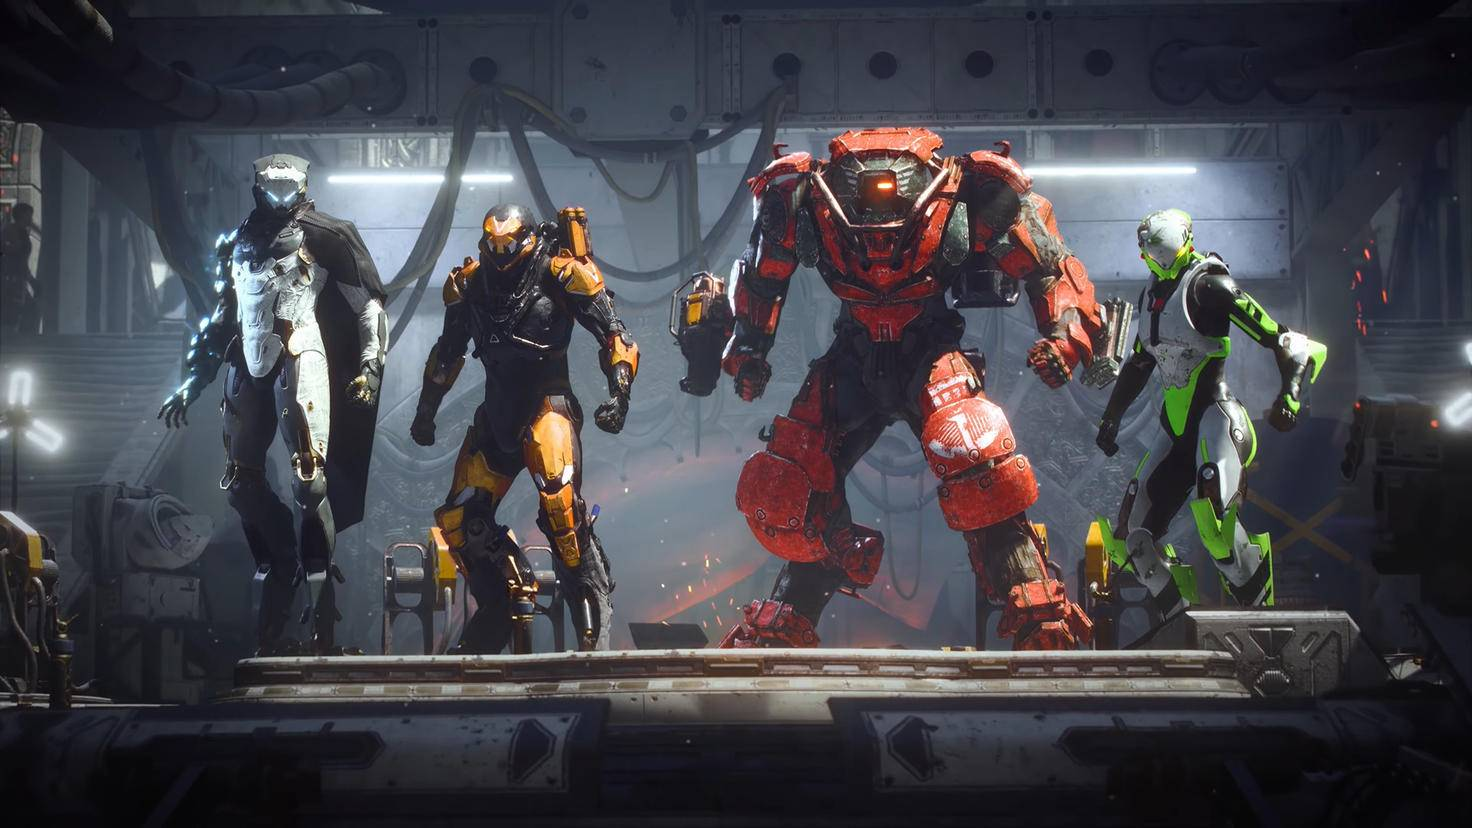 Die vier Javelin-Klassen: Storm, Ranger, Colossus und Interceptor (von links nach rechts). Ich kann meinen Anzug zwischen den Missionen wechseln und ihn optisch sowie im Loadout anpassen.